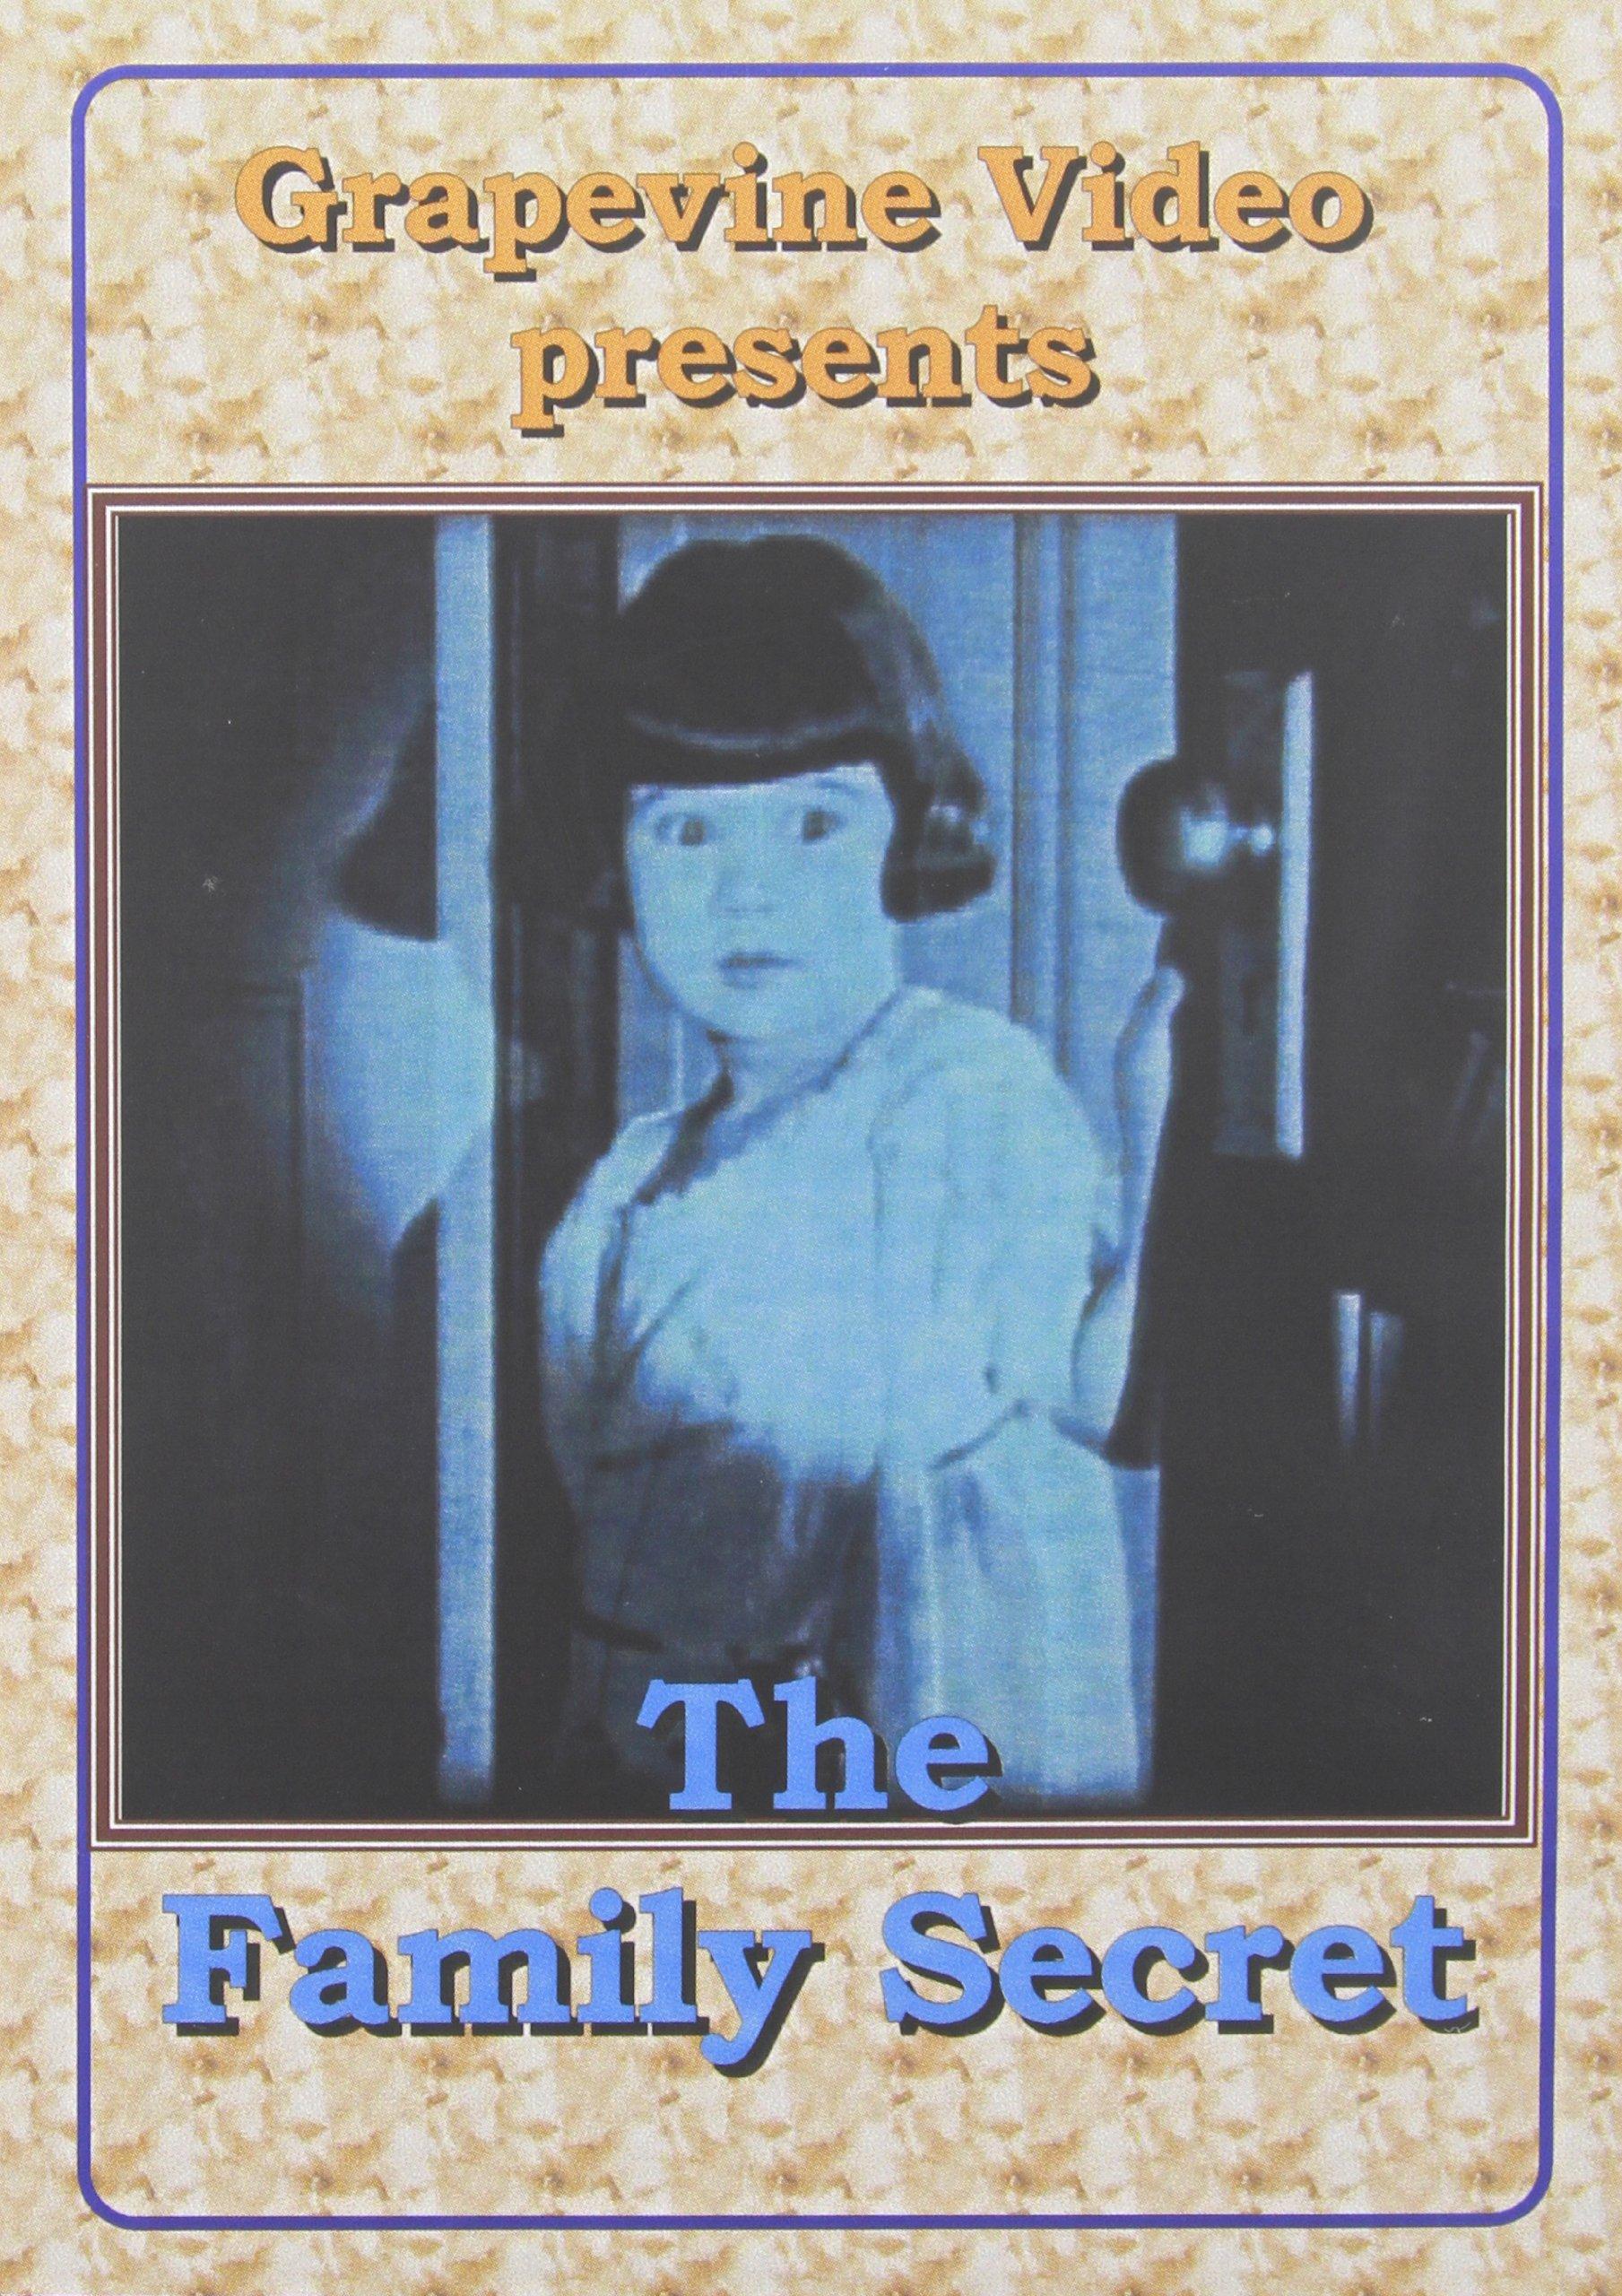 DVD : The Family Secret (Black & White, Silent Movie)